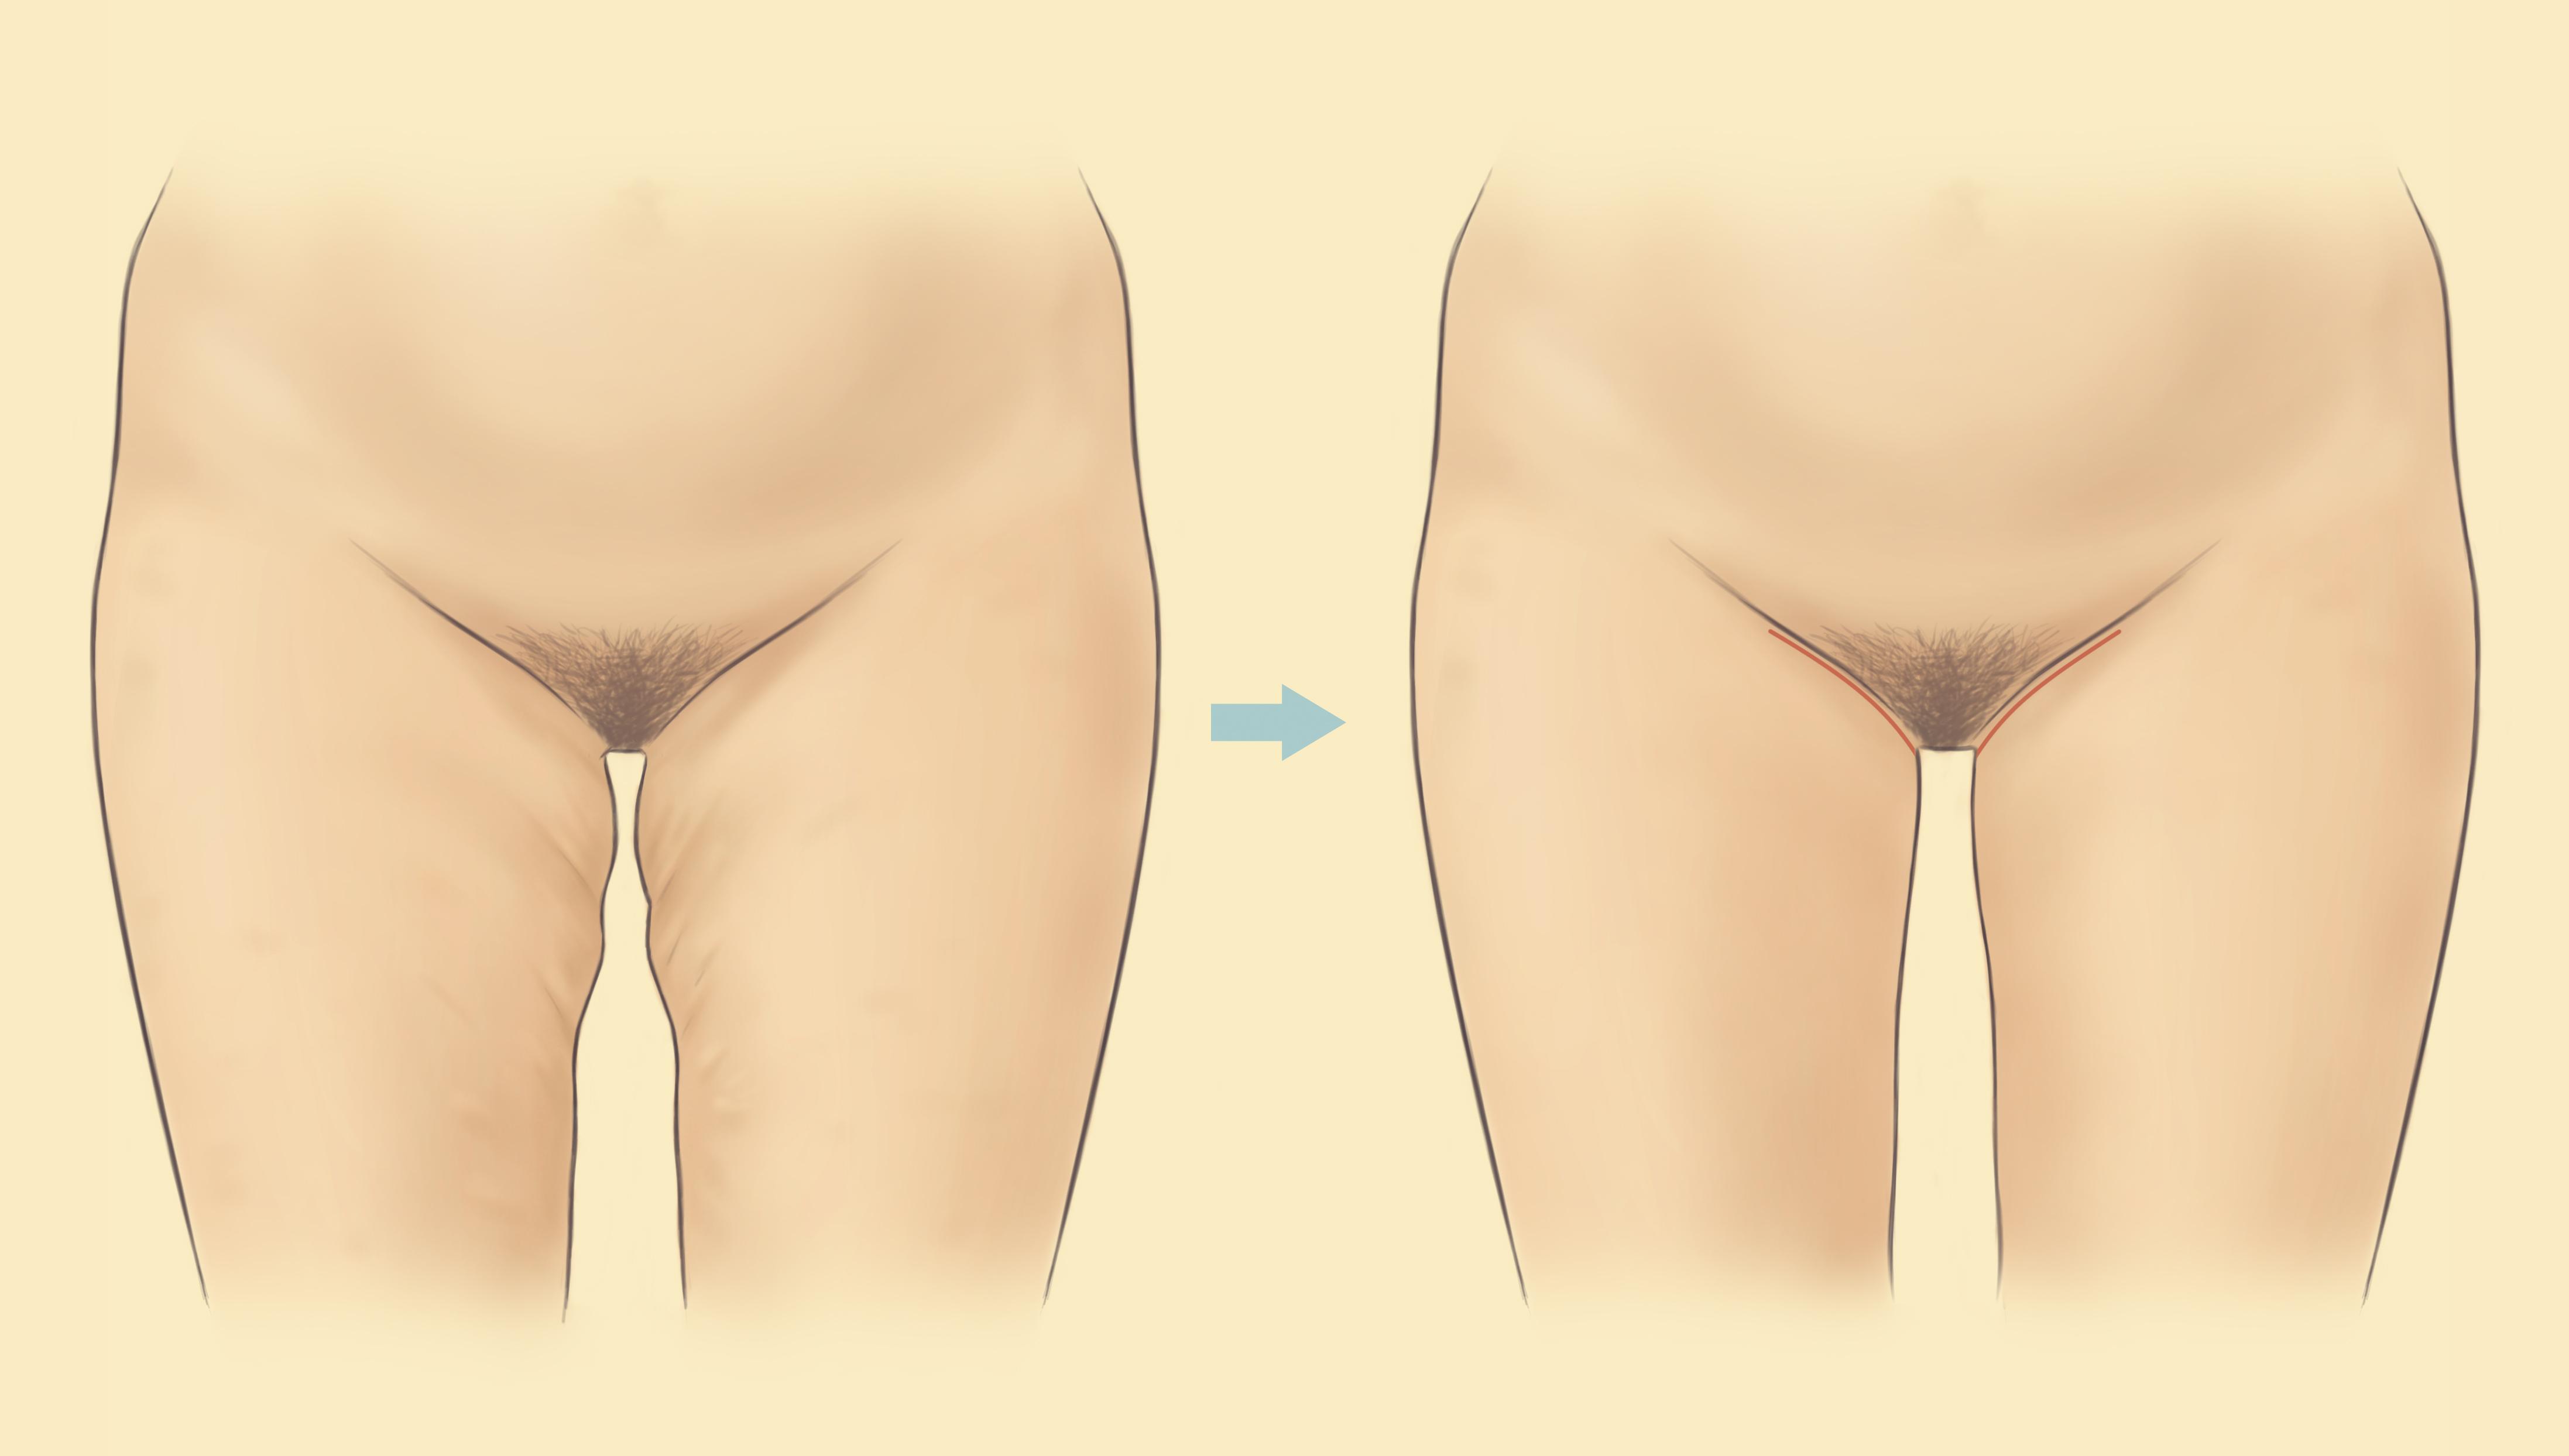 Cinco pierna ejercicios de tonificación para apretar la piel floja después de perder peso